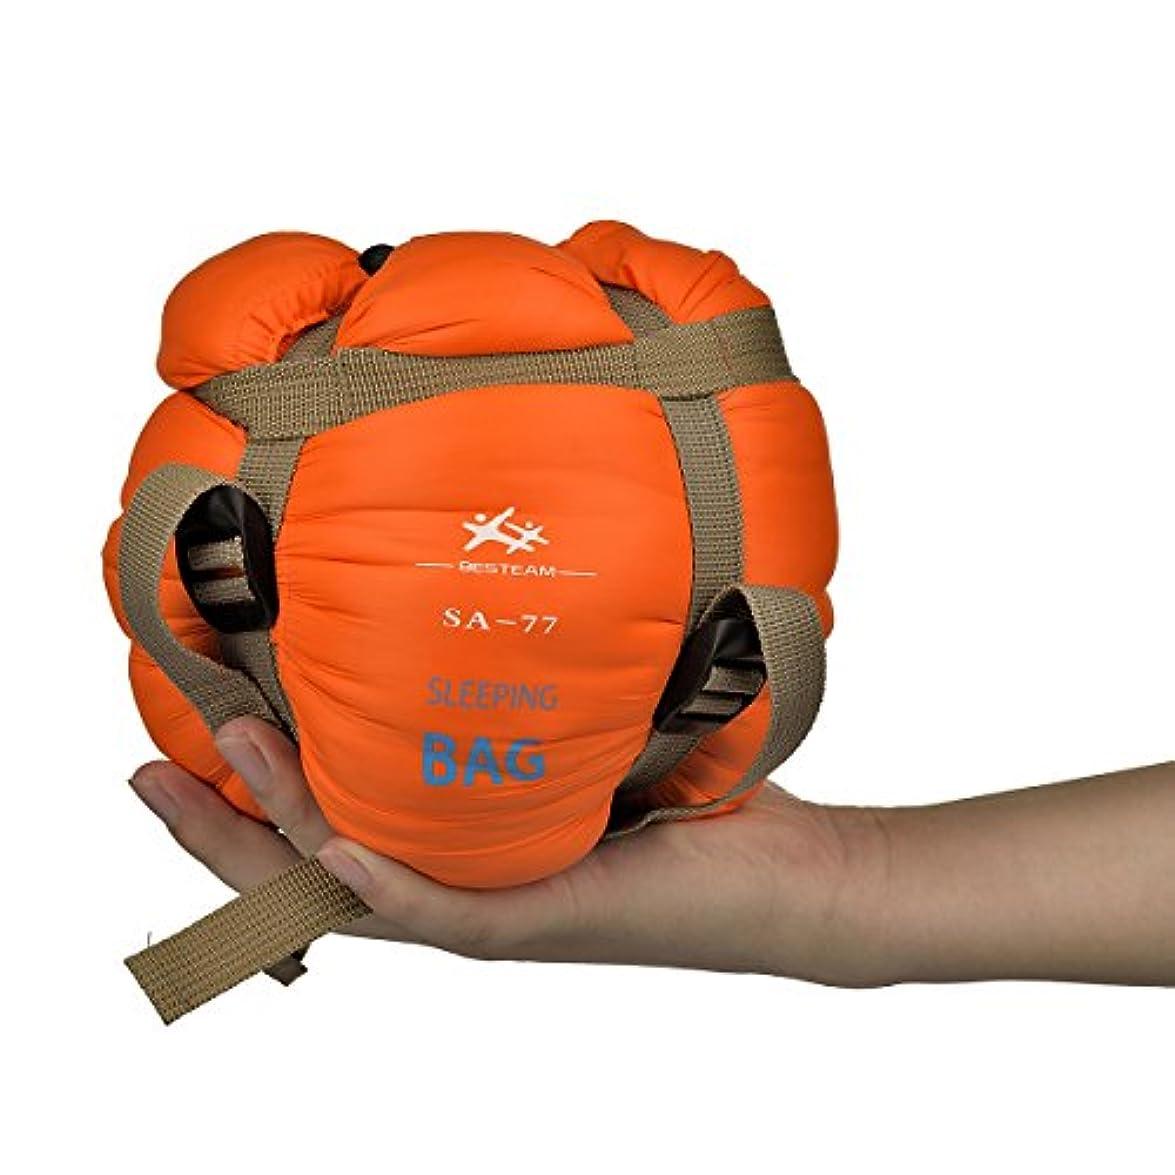 反乱勝利した力学Agemore 寝袋 シュラフ 軽量 封筒型 スリーピングバッグ コンパクト キャンプ アウトドア 丸洗い 最低使用温度15度 収納袋 4カラー